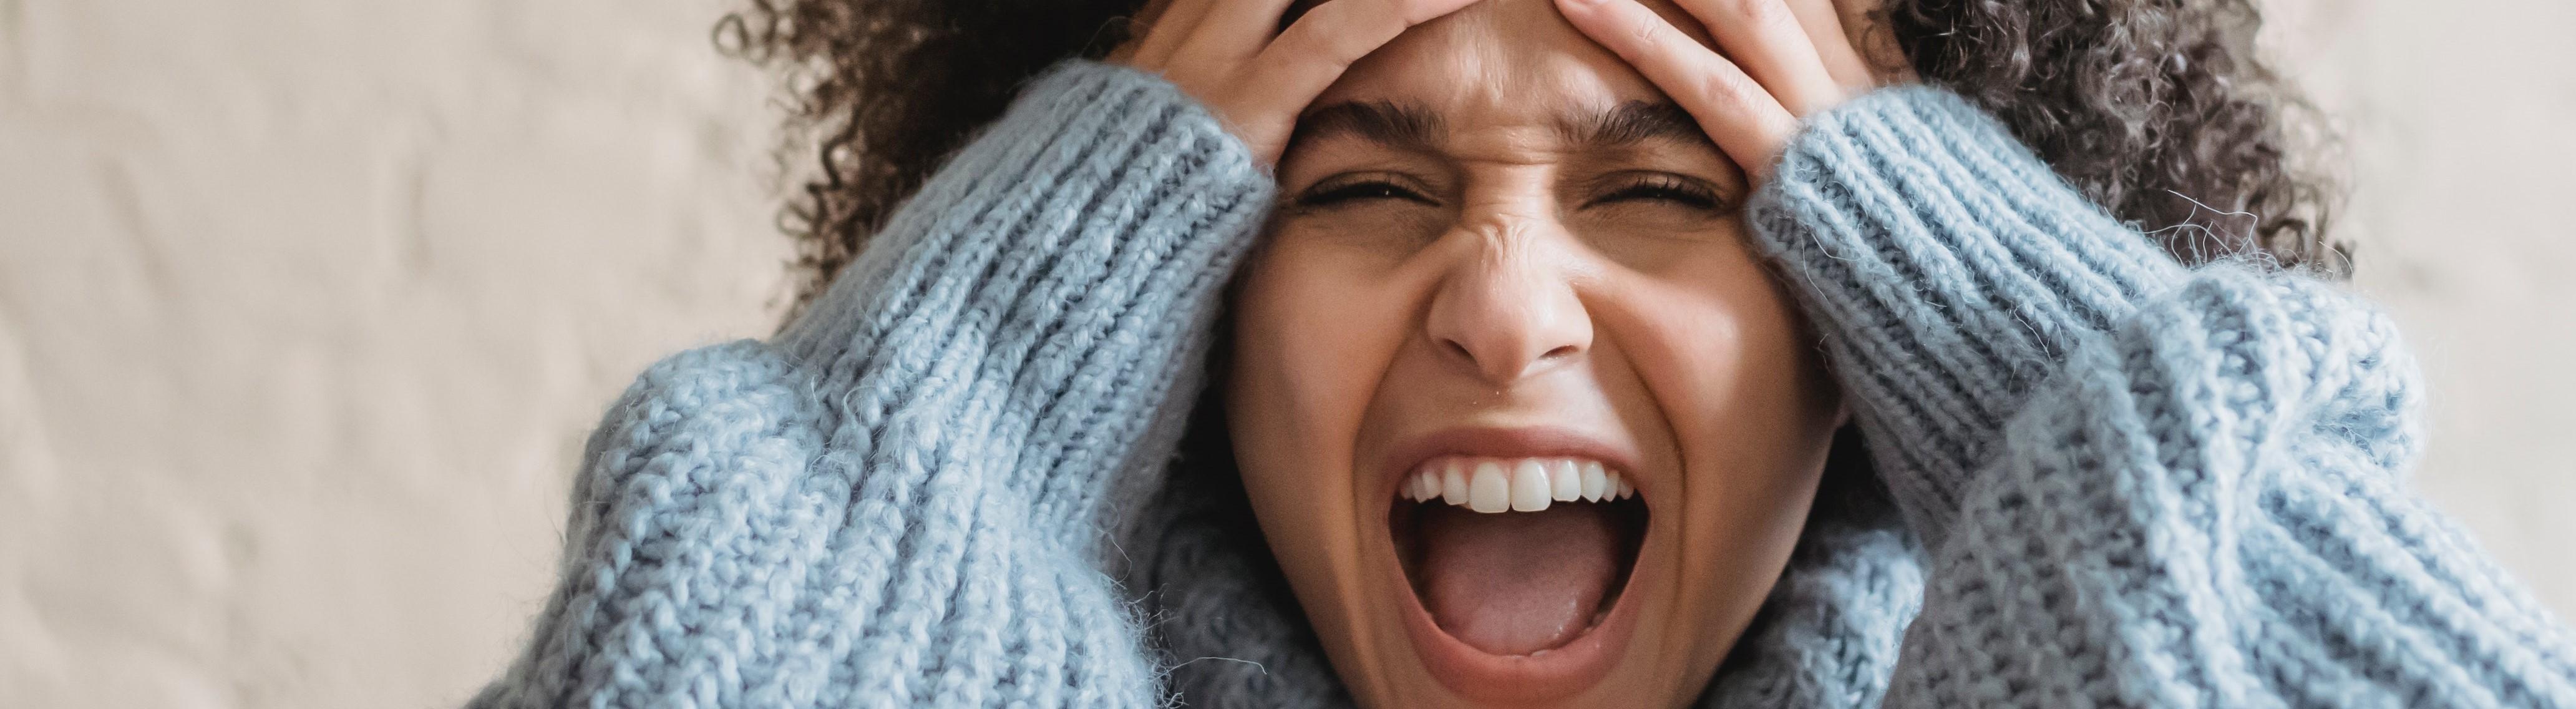 Frau hält Hände an Kopf und schreit